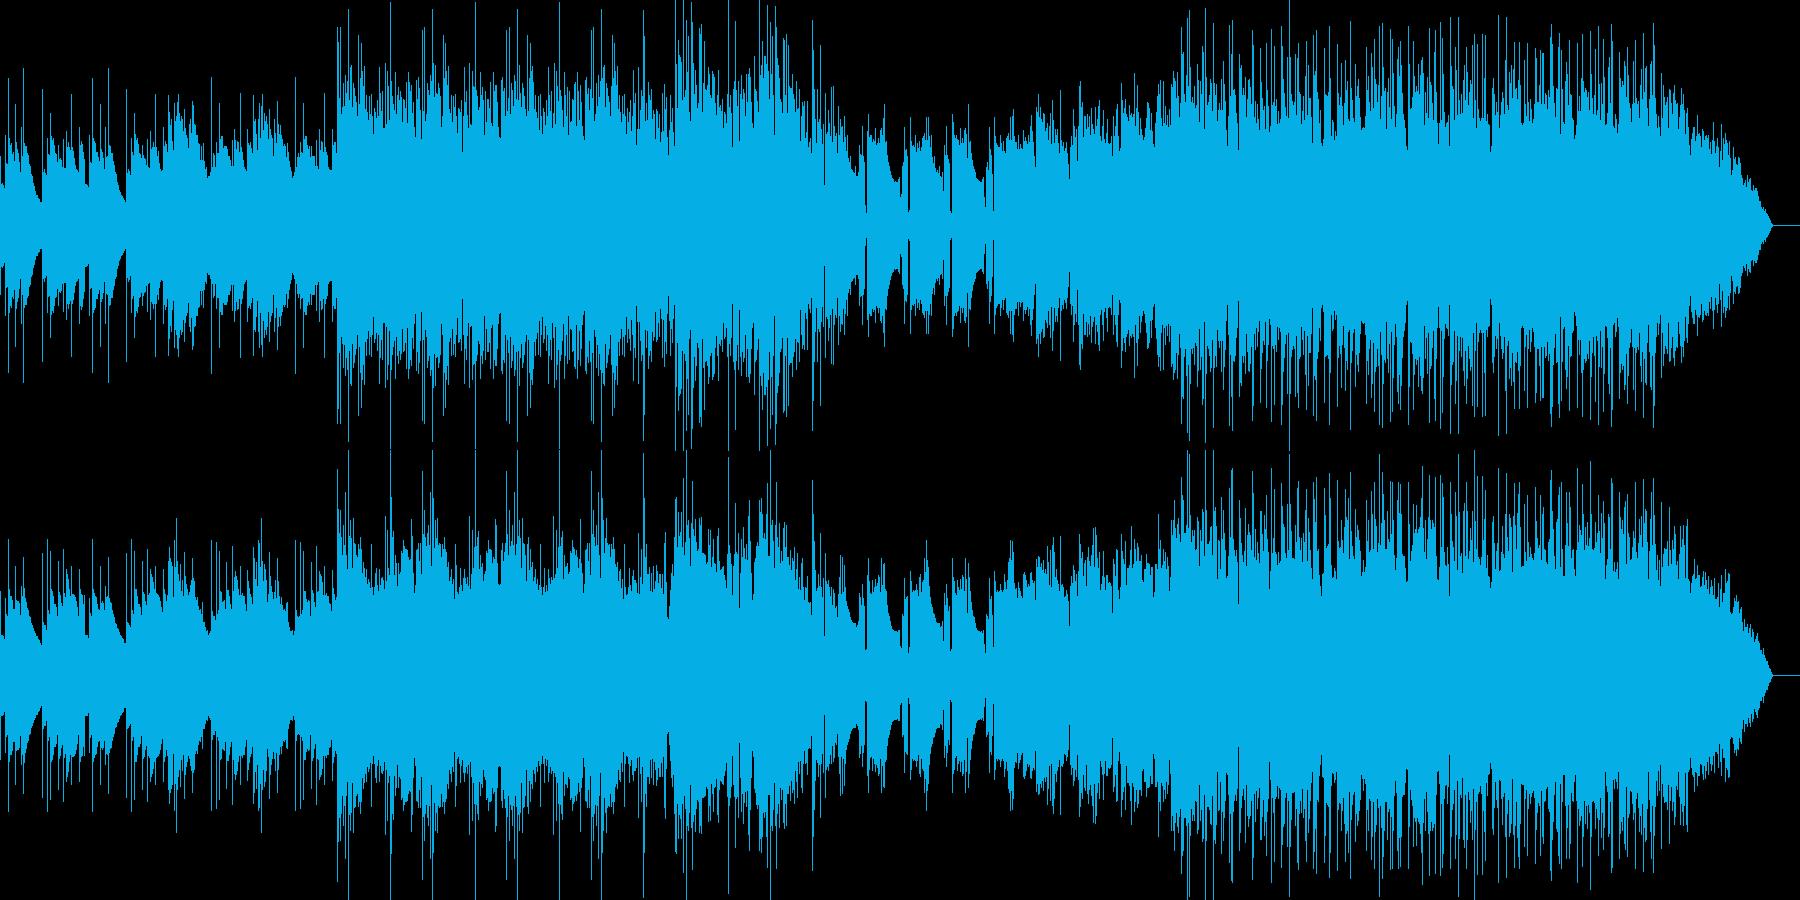 シンプル短めなアンビエントチルの再生済みの波形